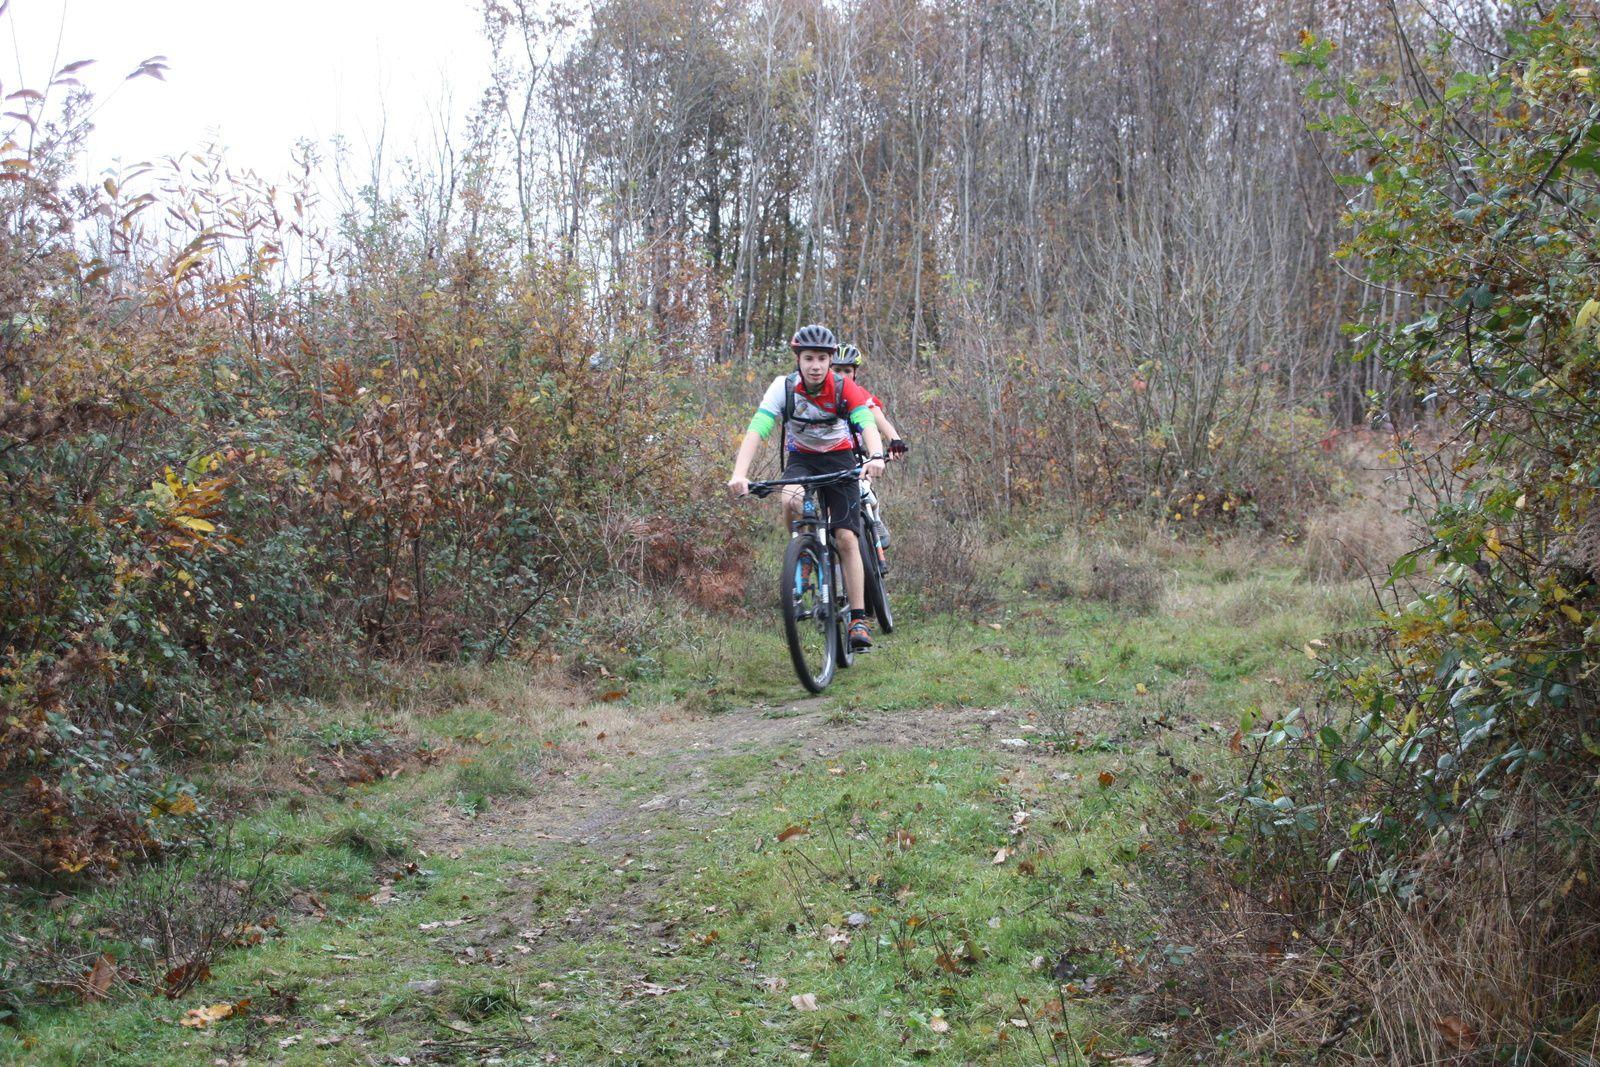 Les  licenciés  de  l'Avenir  Cycliste  étaient  présent  sur  la  randonnée  VTT